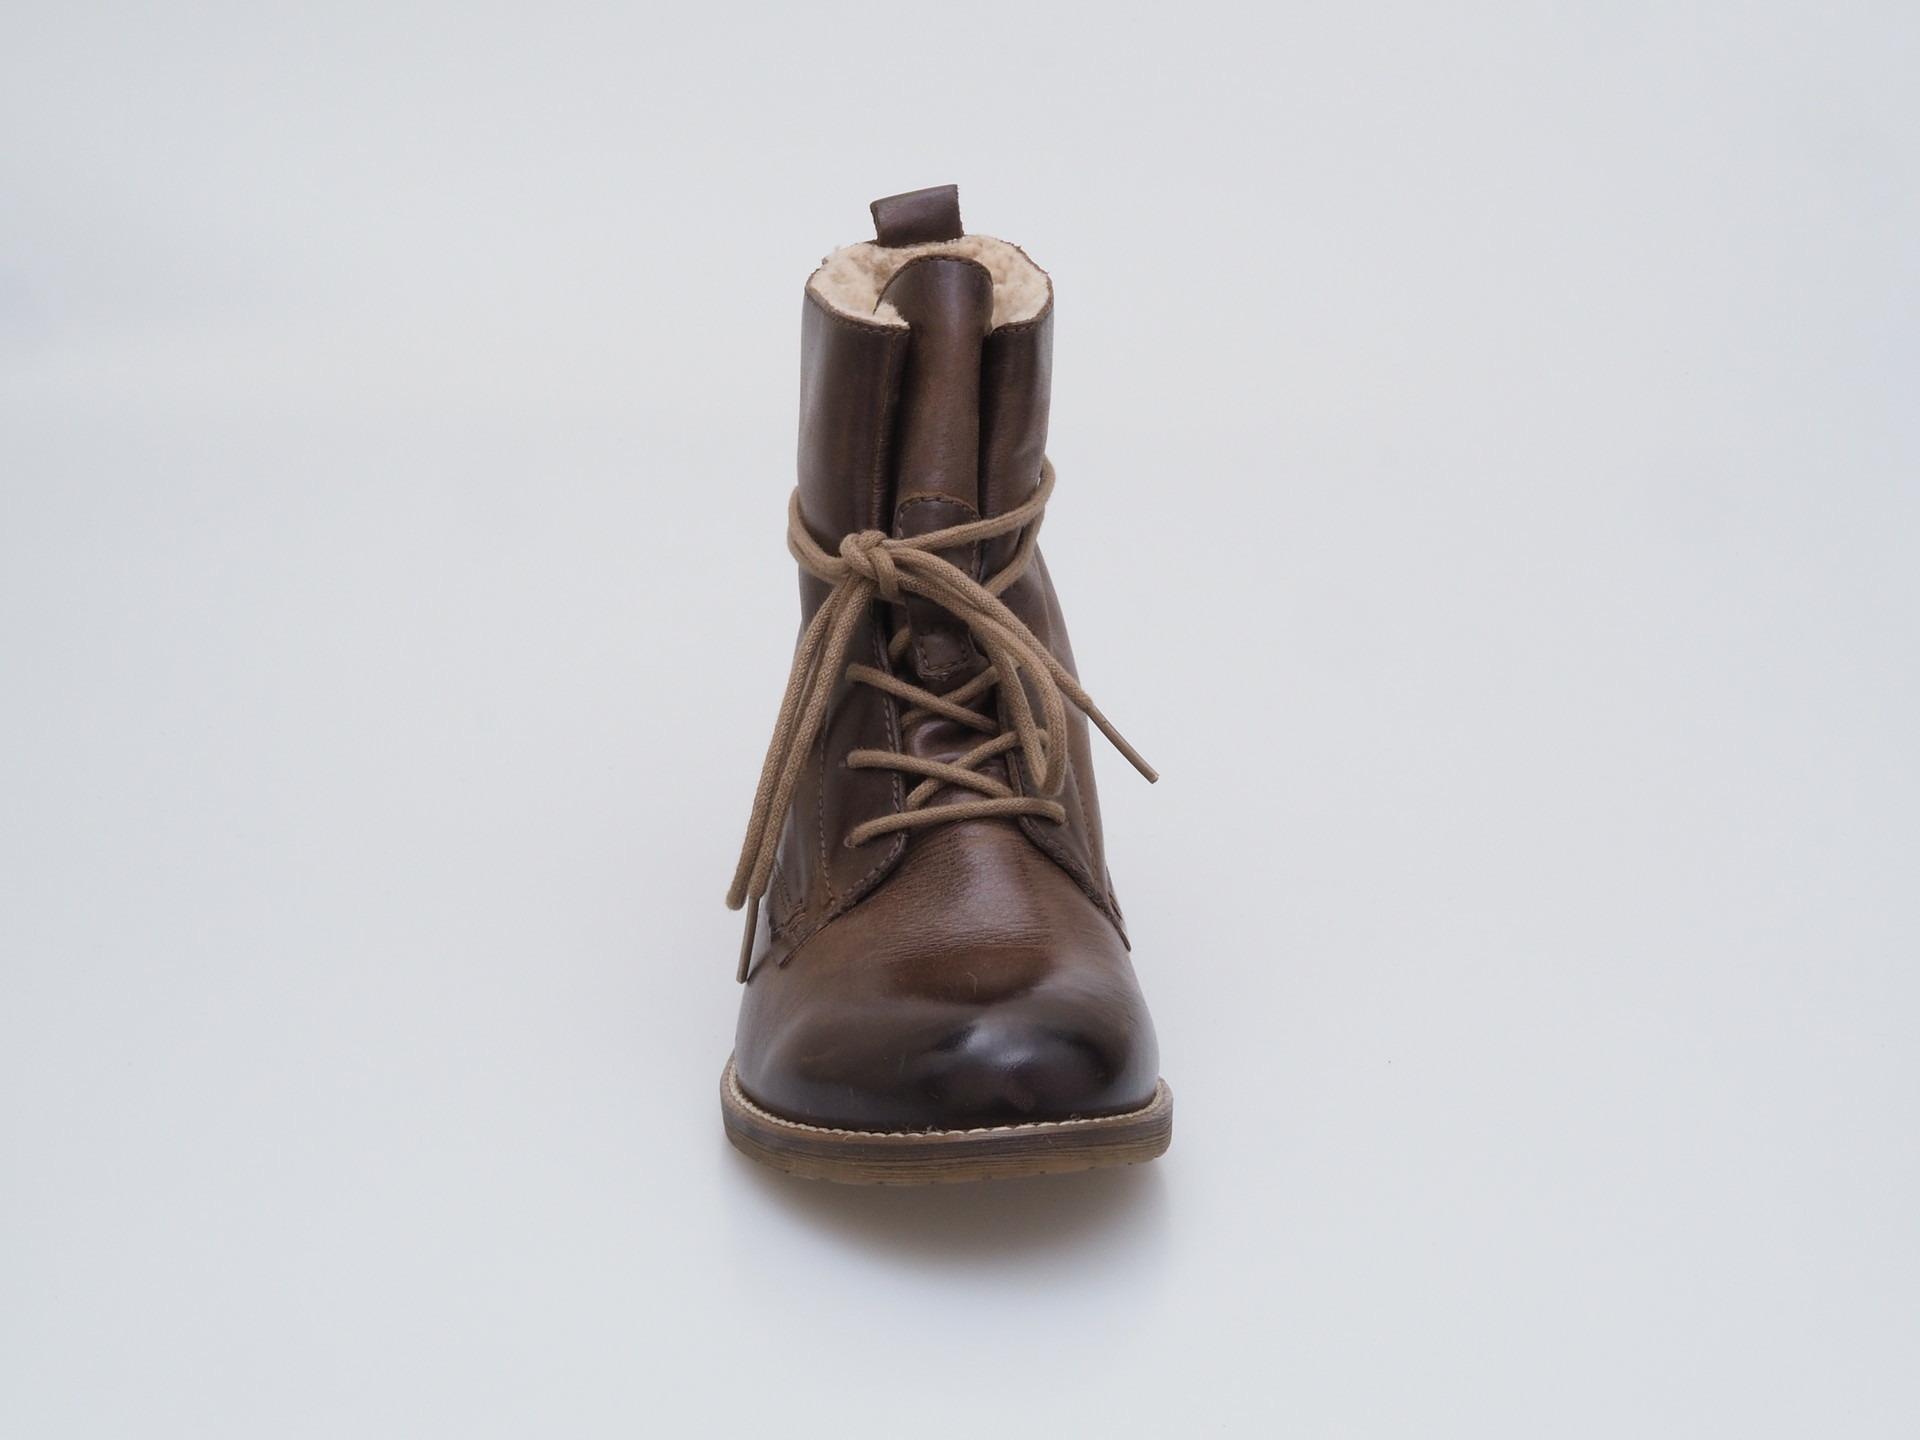 58e4ed80ffc39 Soňa - Dámska obuv - Kotníčky - Dámska šnurovacia obuv značky Klondike